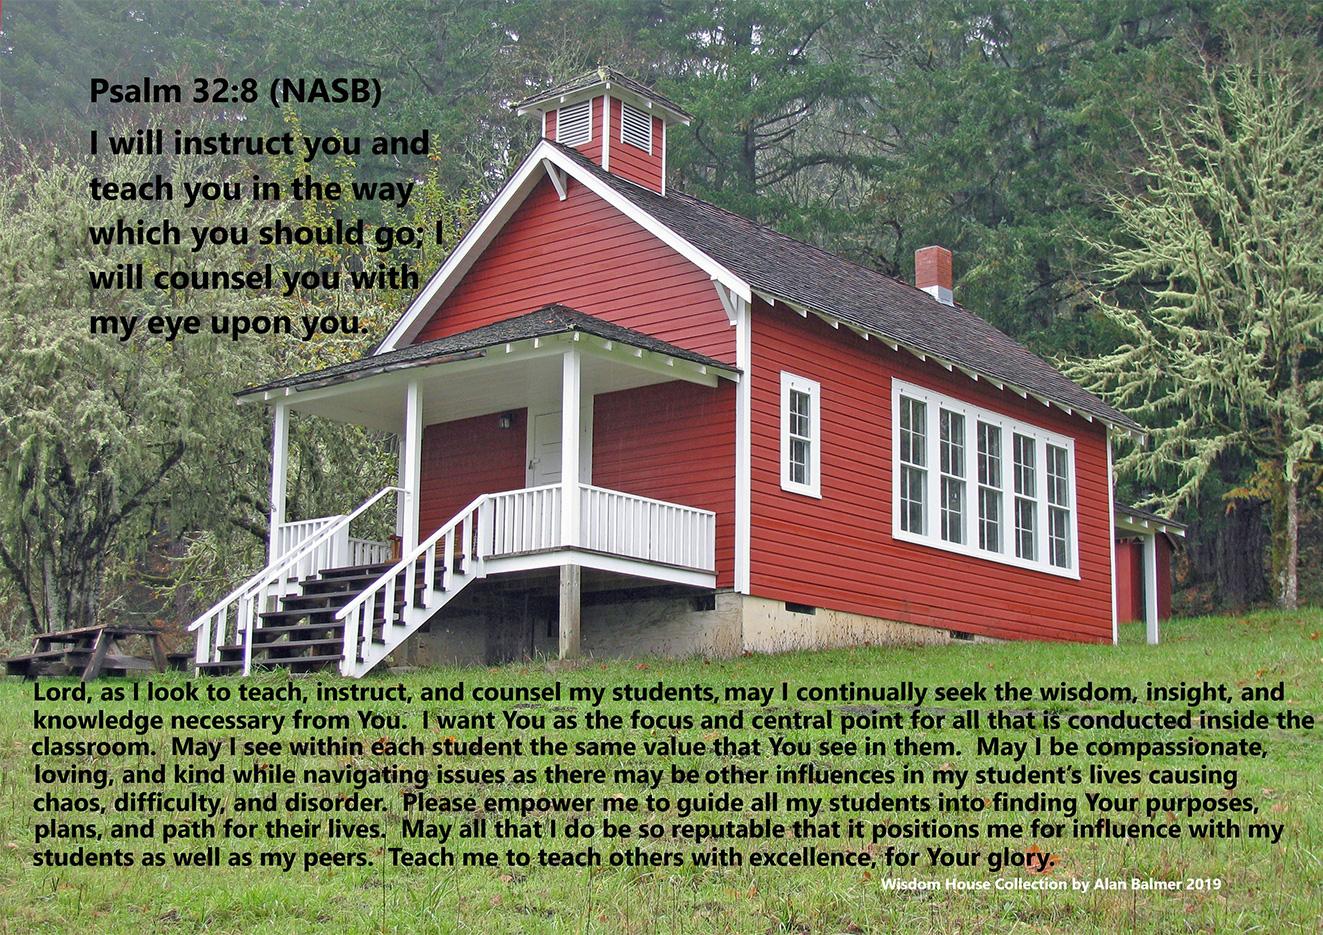 The Teacher's Prayer Based on Psalm 32:8 -